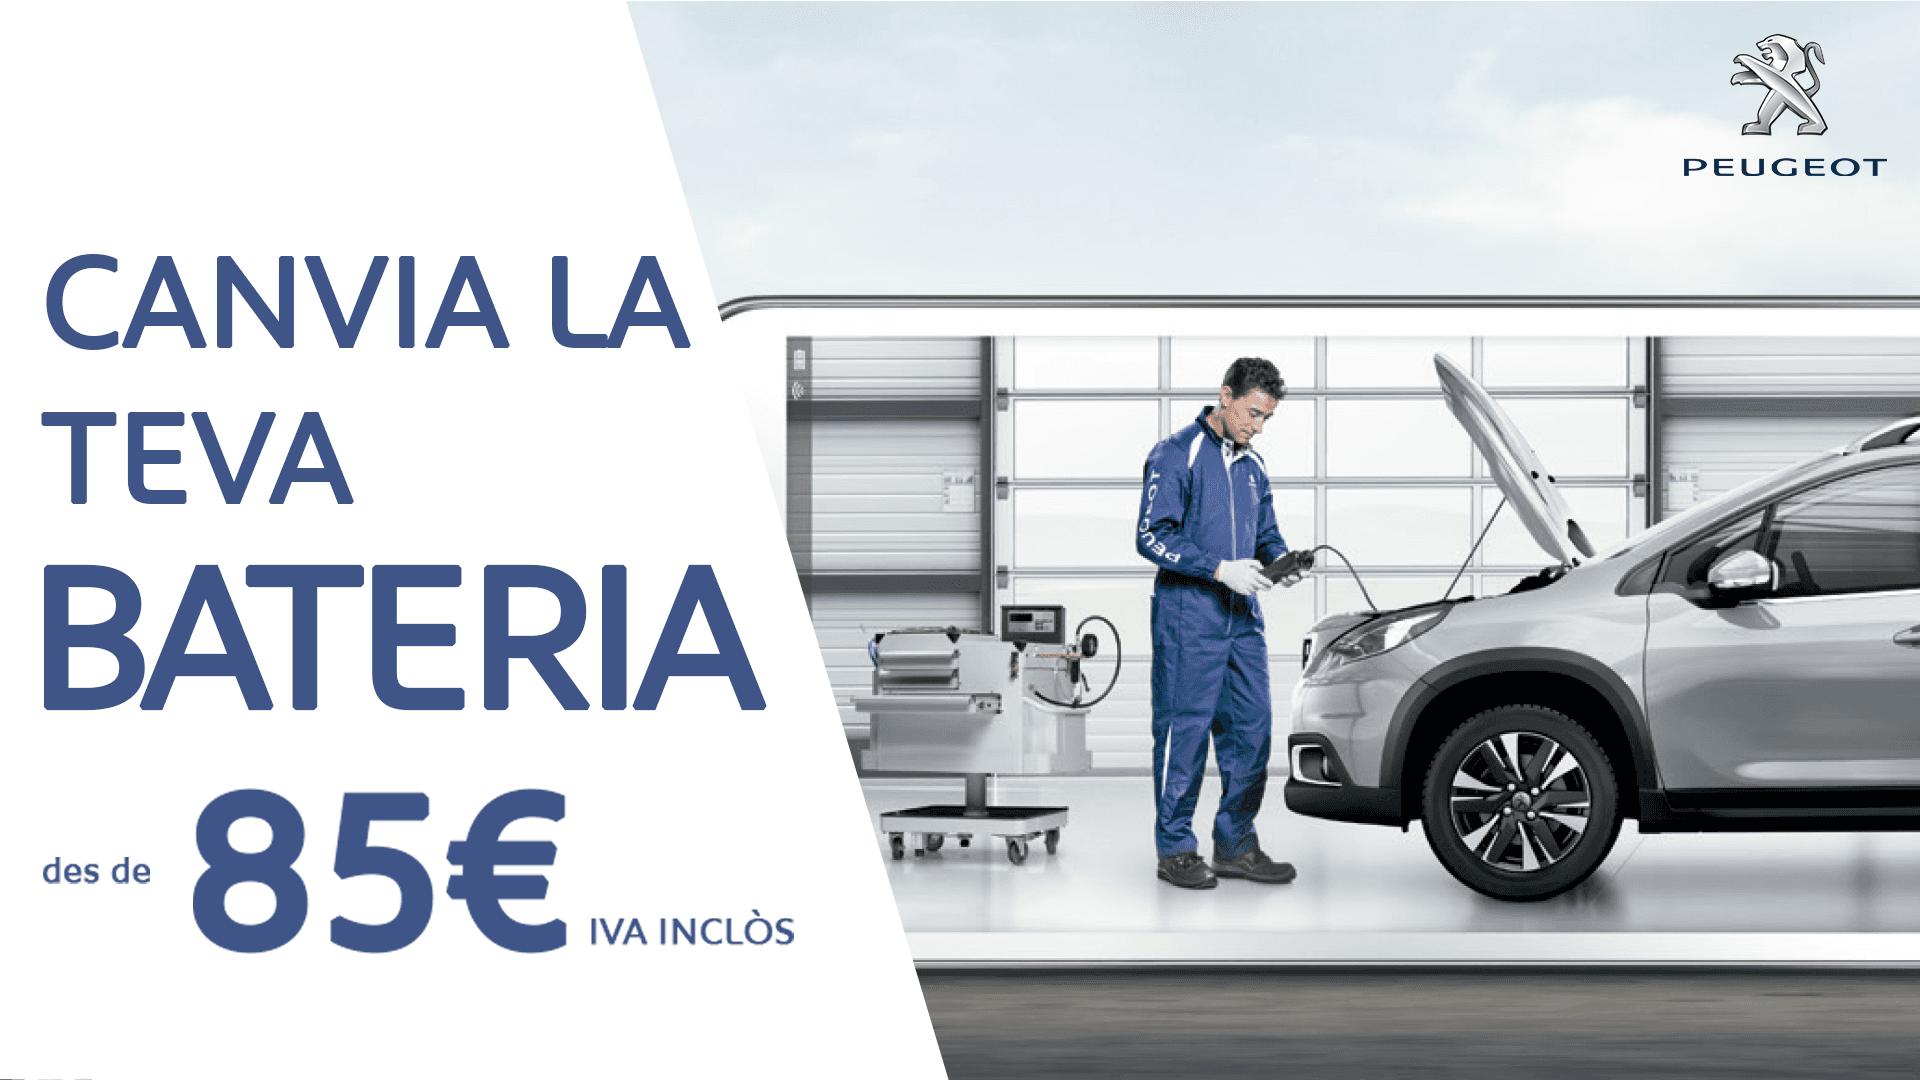 CANVIA LA TEVA BATERIA DES DE 85€